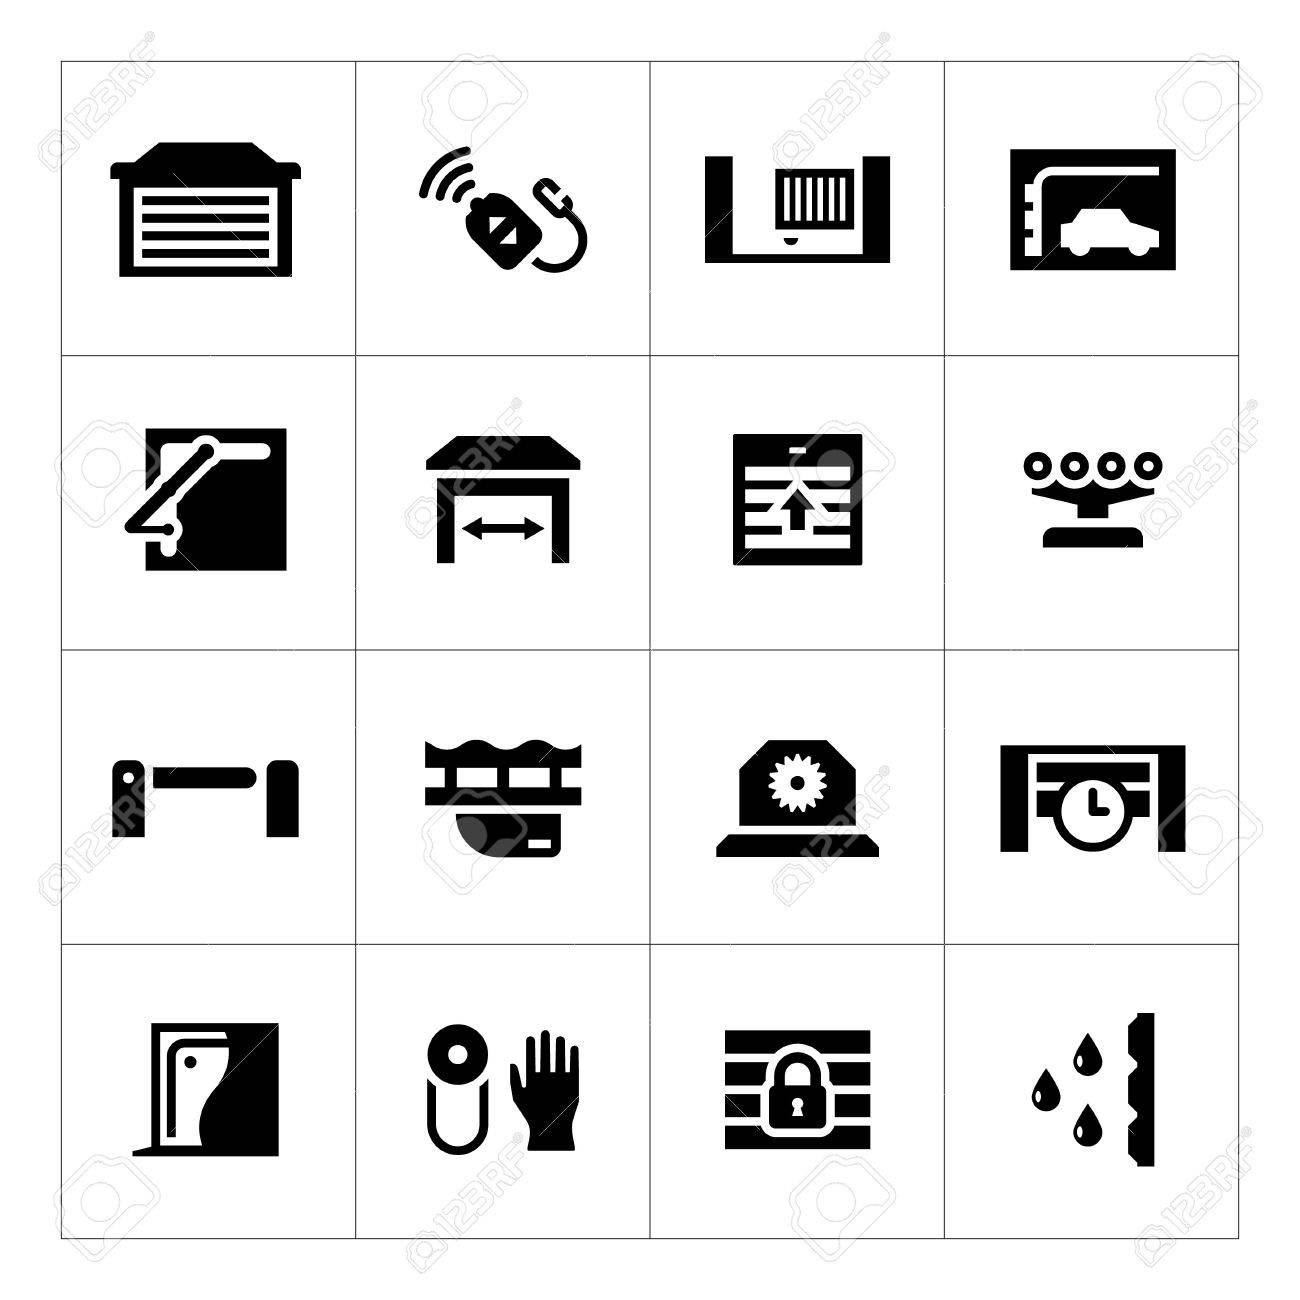 Set icons of automatic gates isolated on white - 34489259